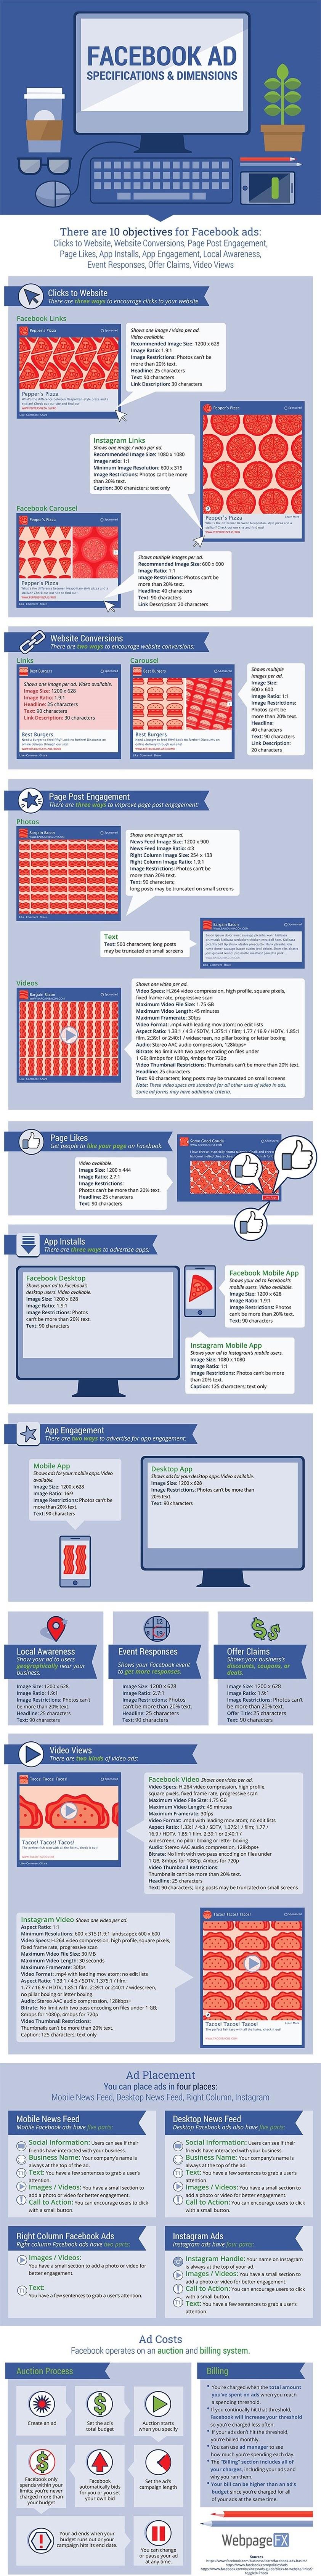 facebook ad specs infographic